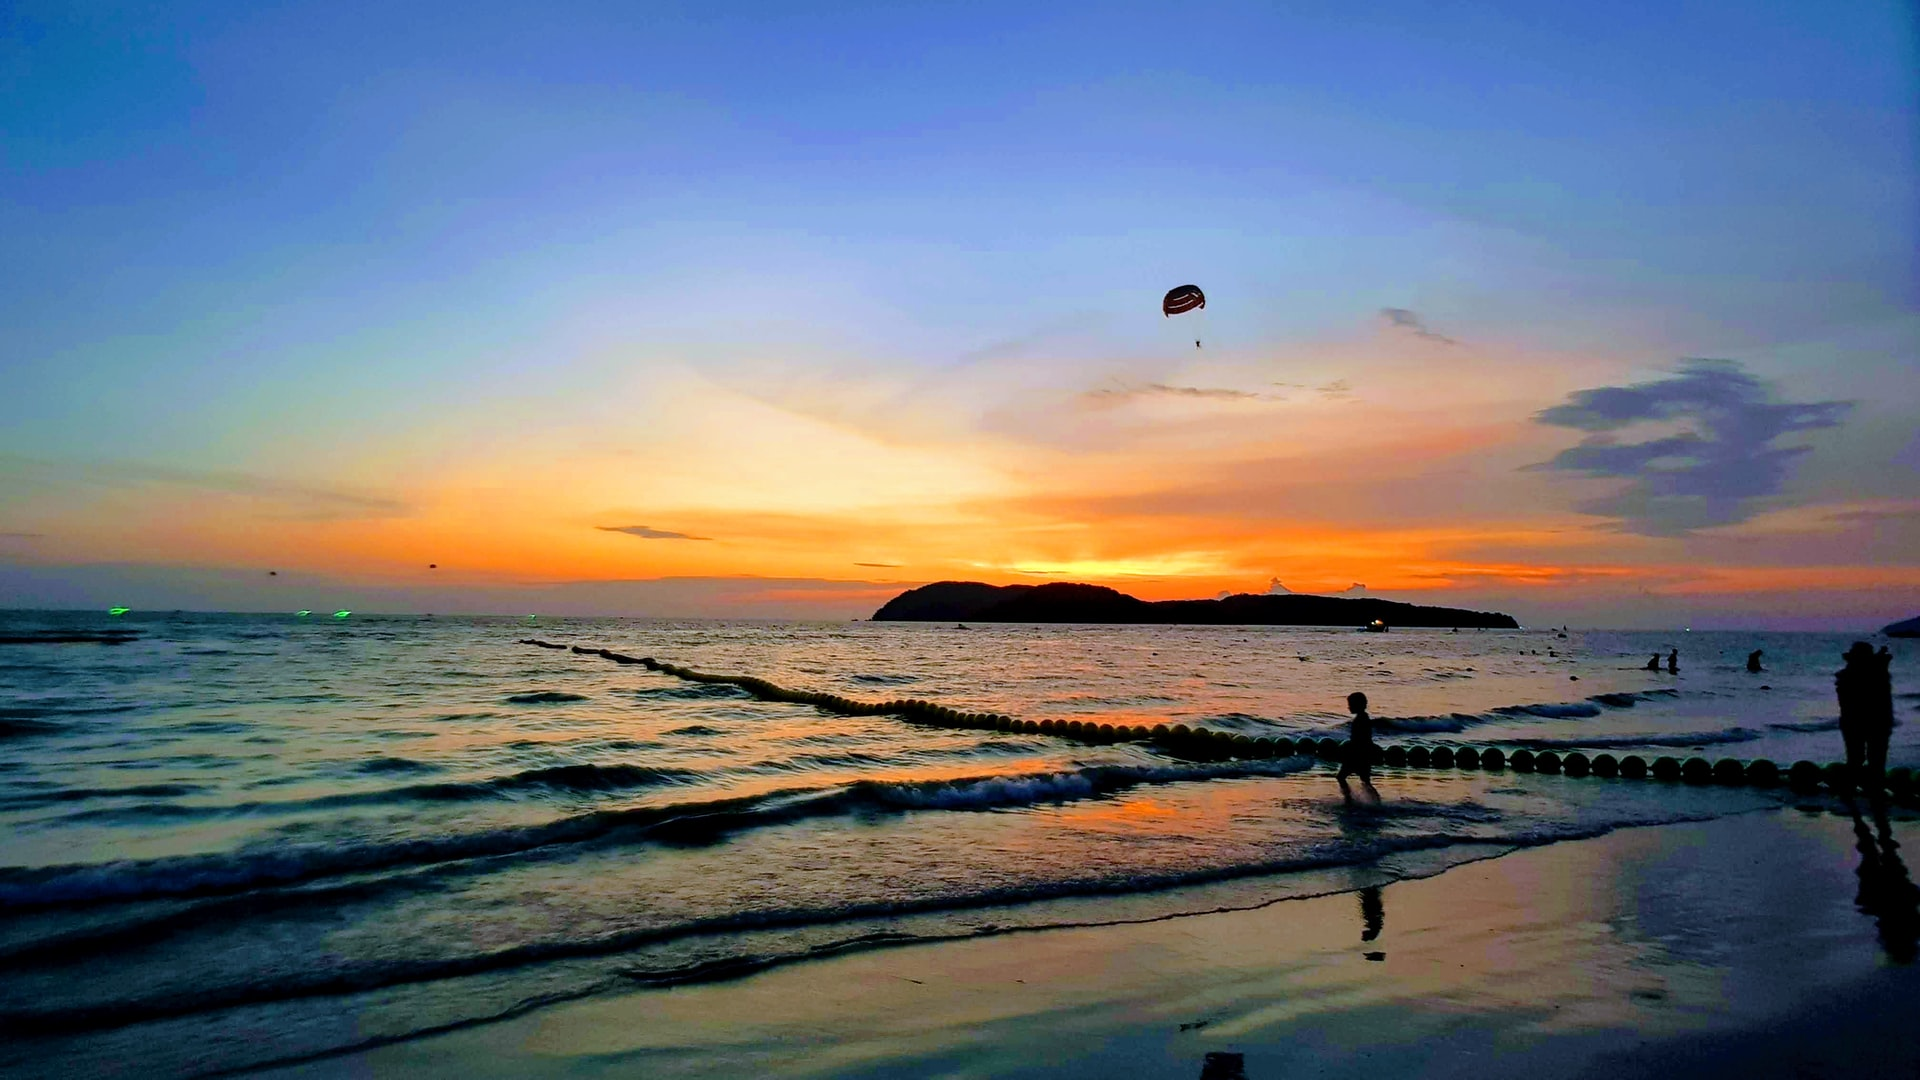 ランカウイ島観光 完全ガイド [マレーシア・南国のビーチパラダイス]